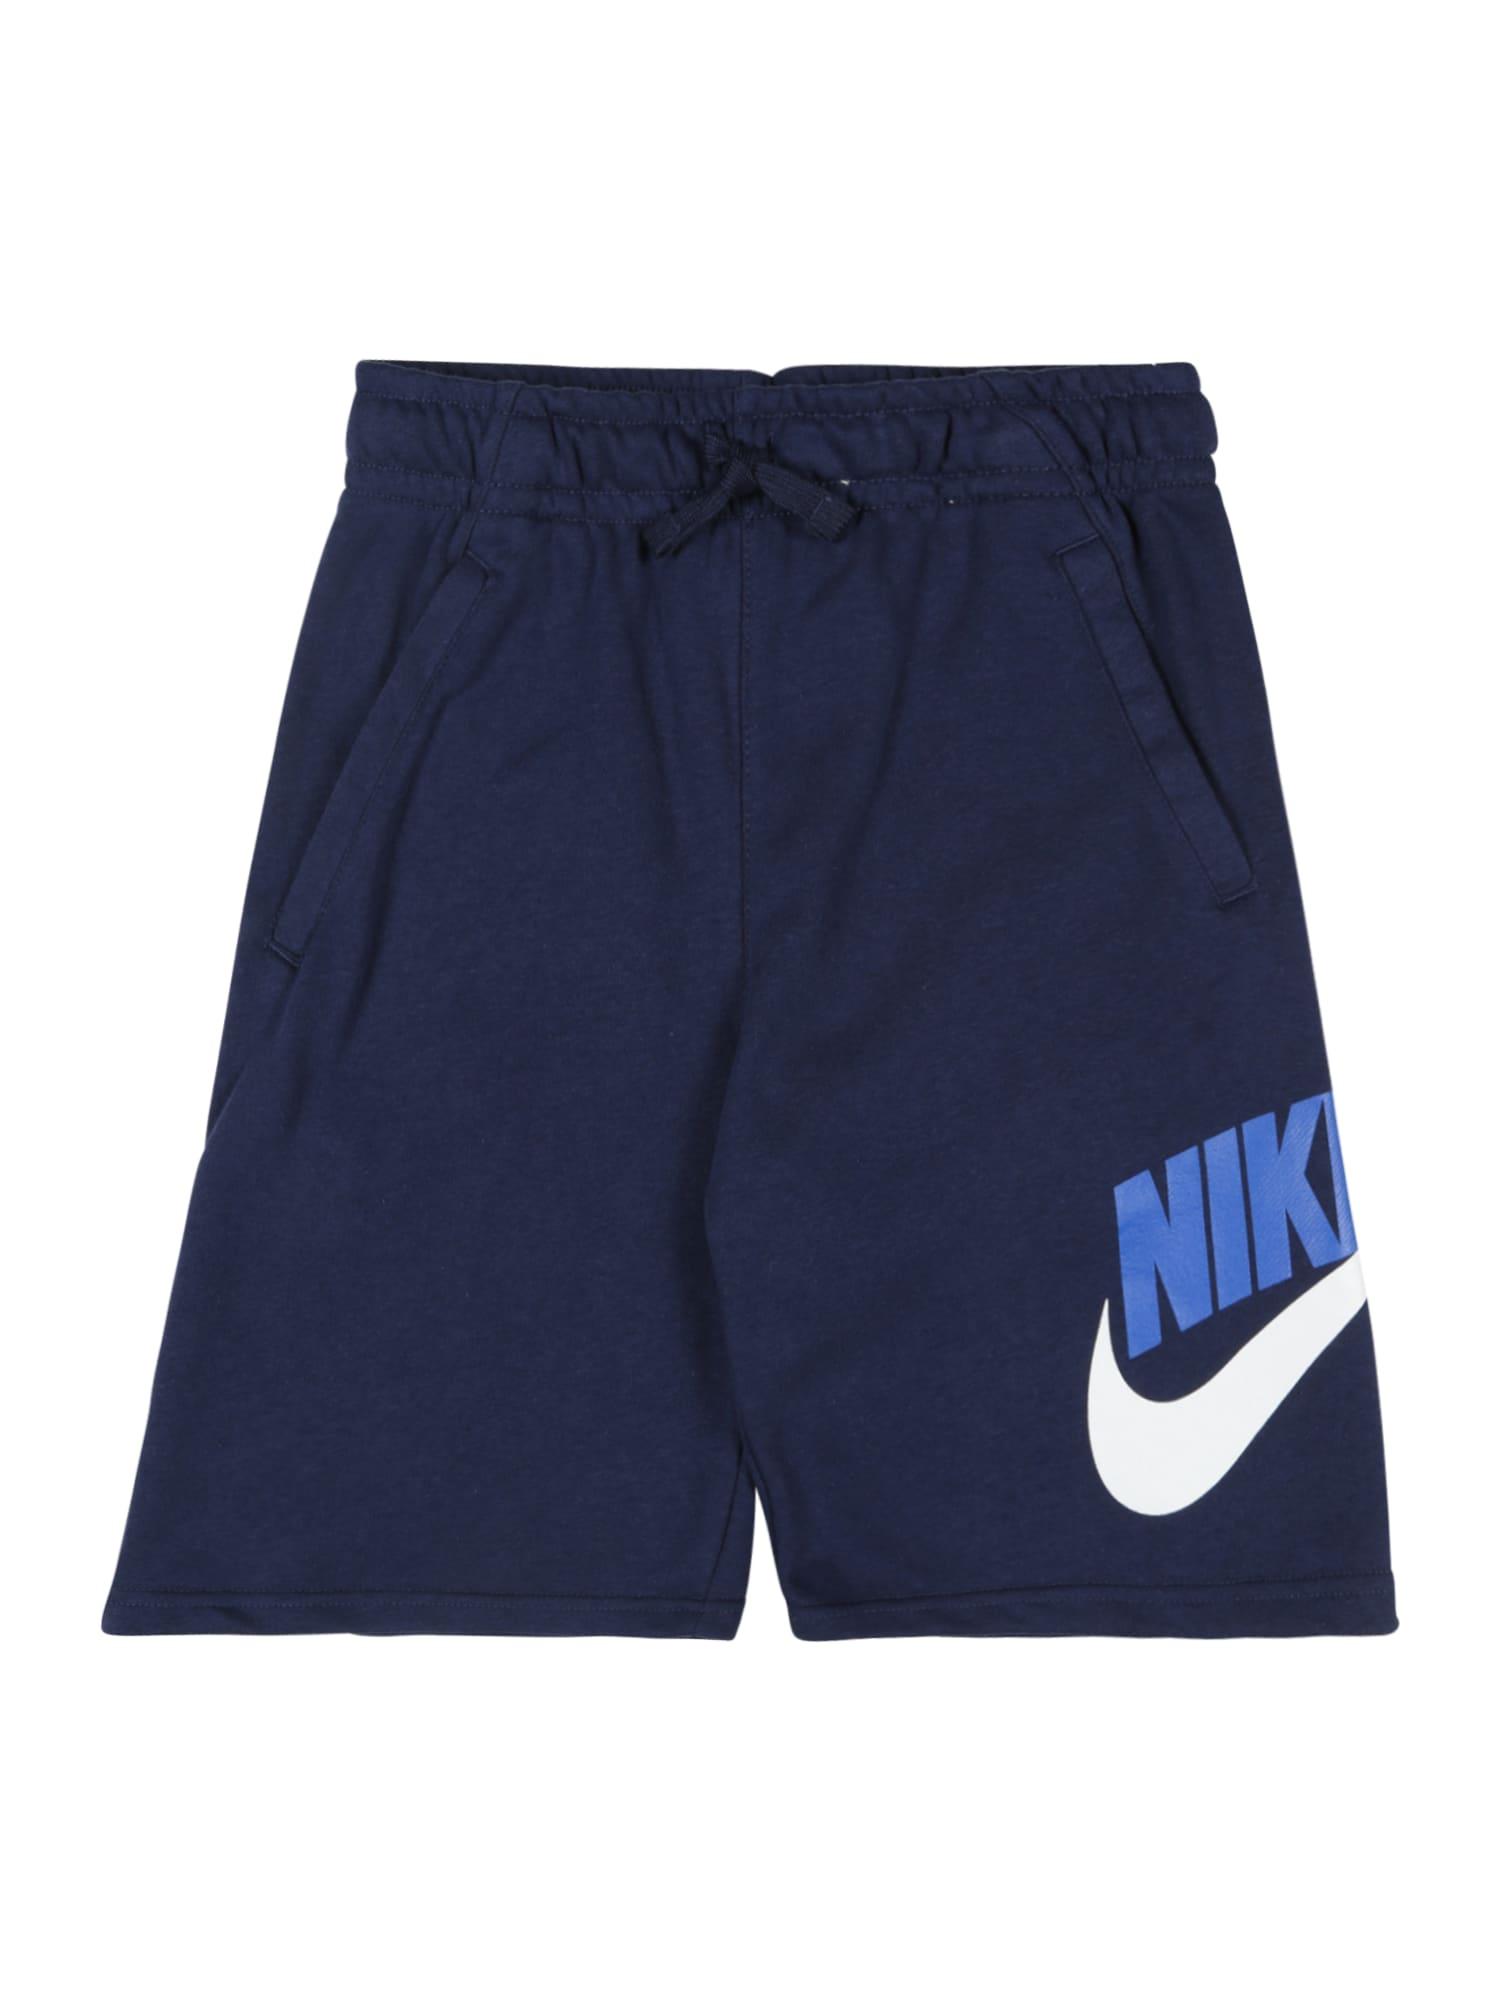 Nike Sportswear Kelnės nakties mėlyna